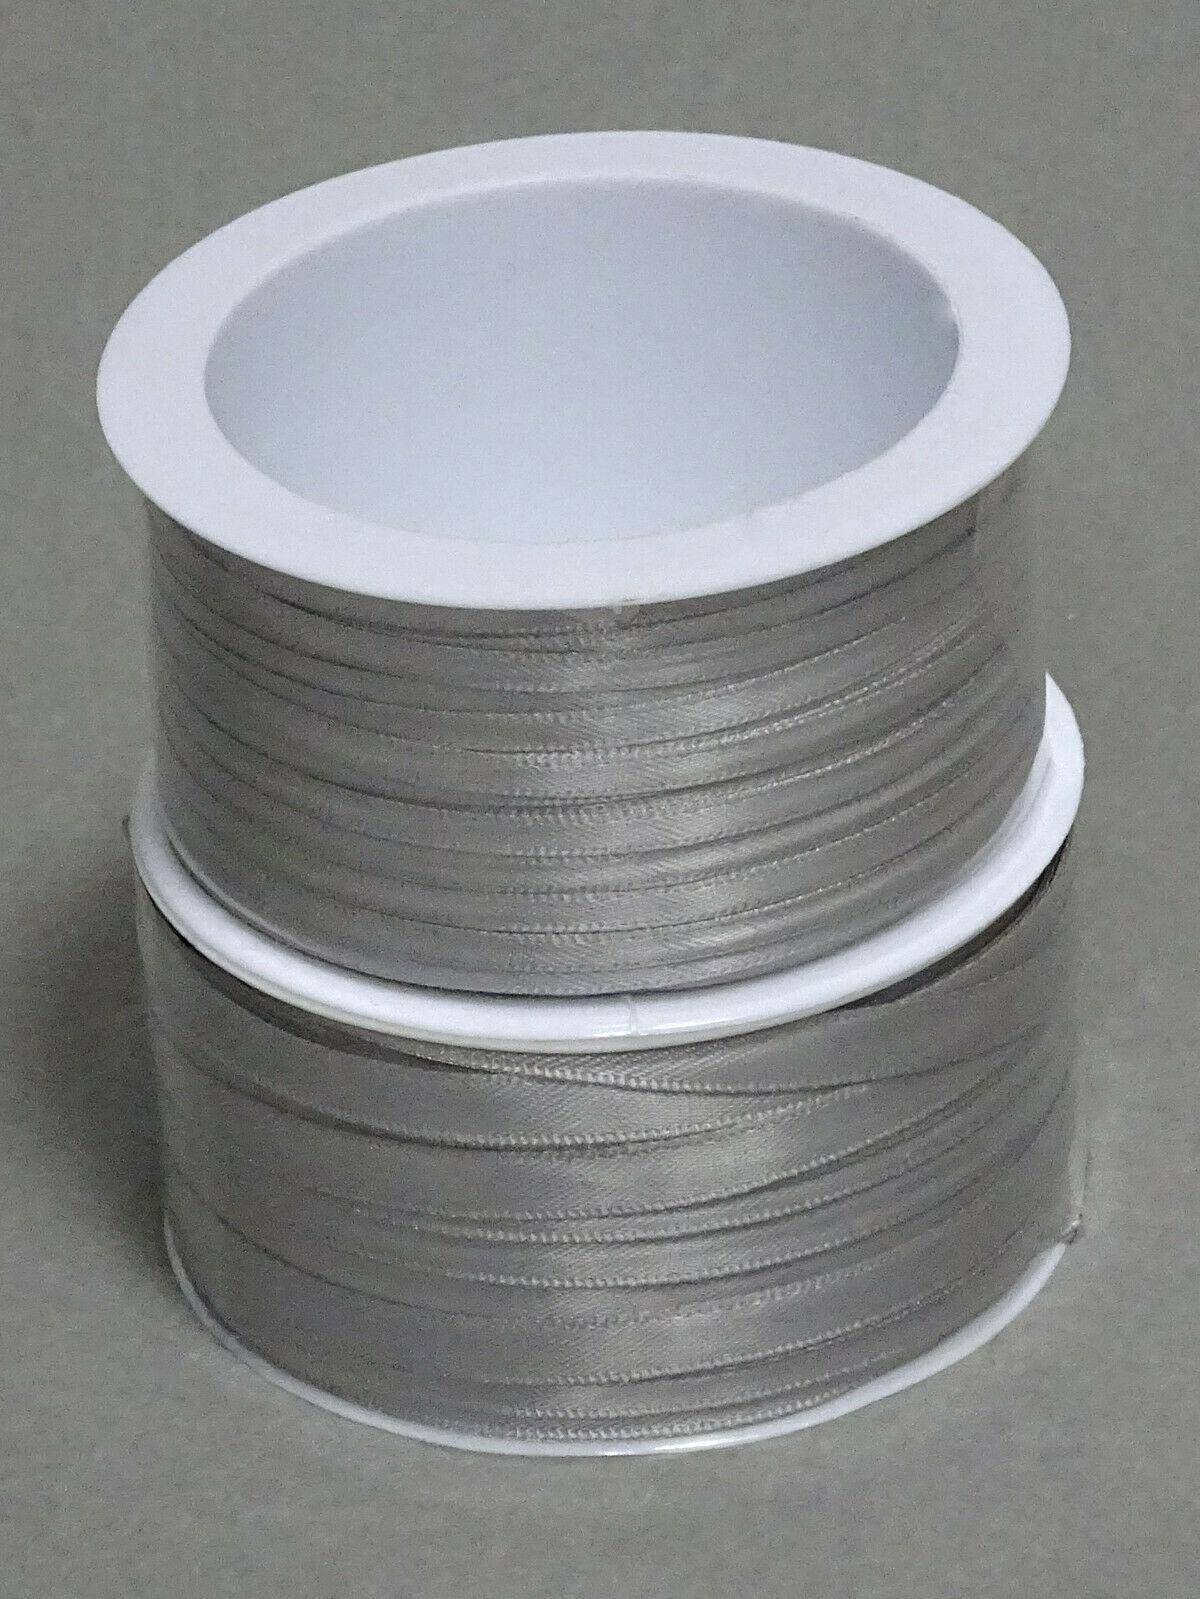 Satinband Schleifenband 50m x 3mm / 6mm Dekoband ab 0,05 €/m Geschenkband Rolle - Silber-Grau 903, 3 mm x 50 m